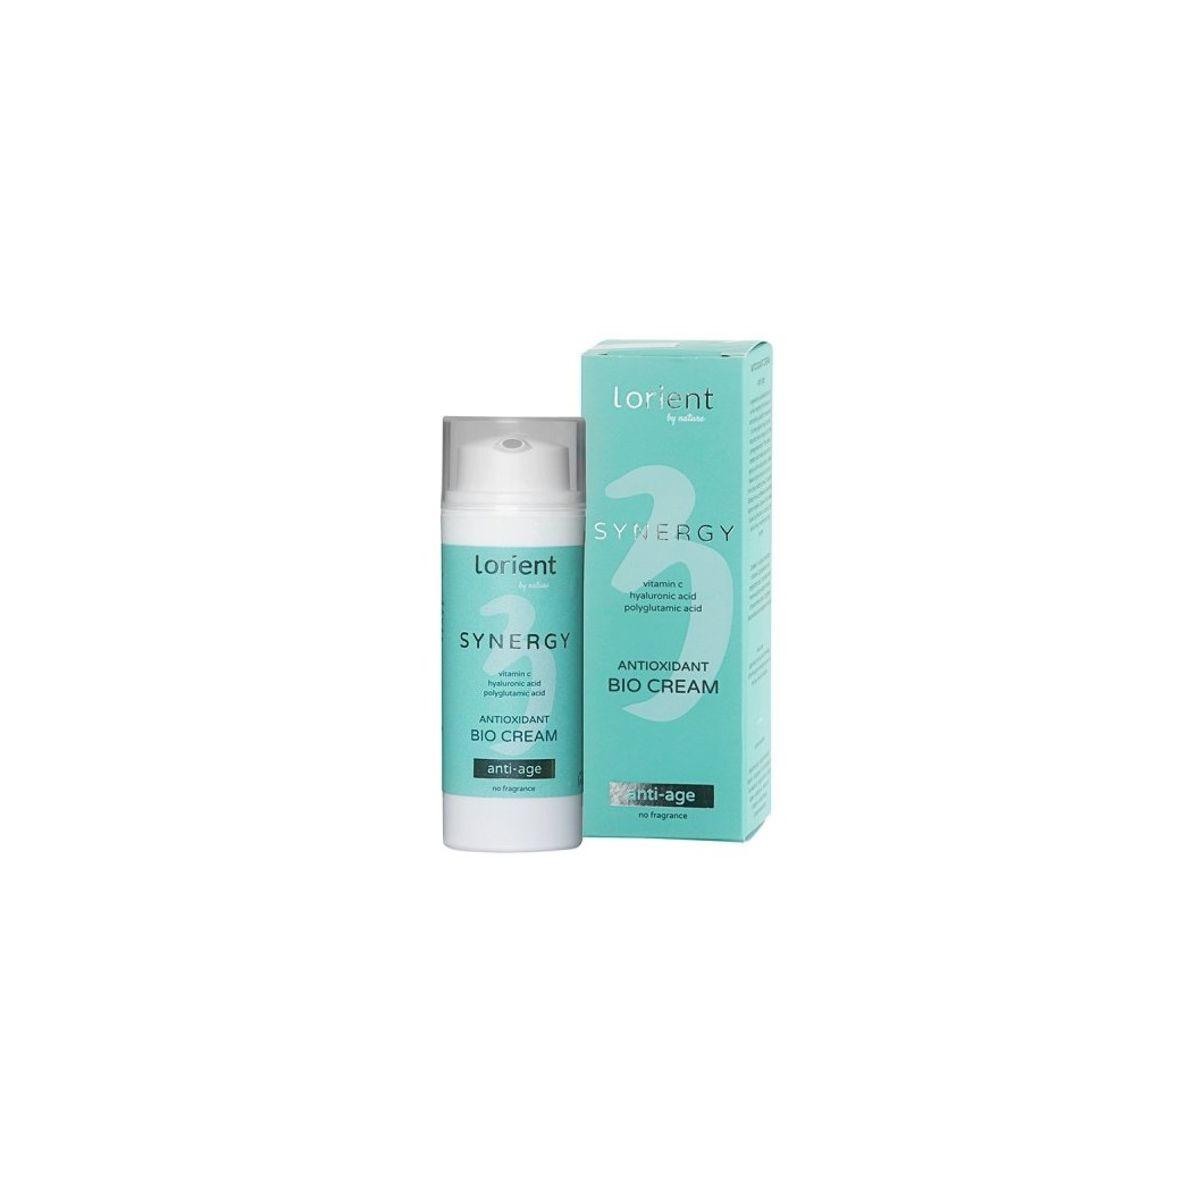 Synergy antioxidant cream